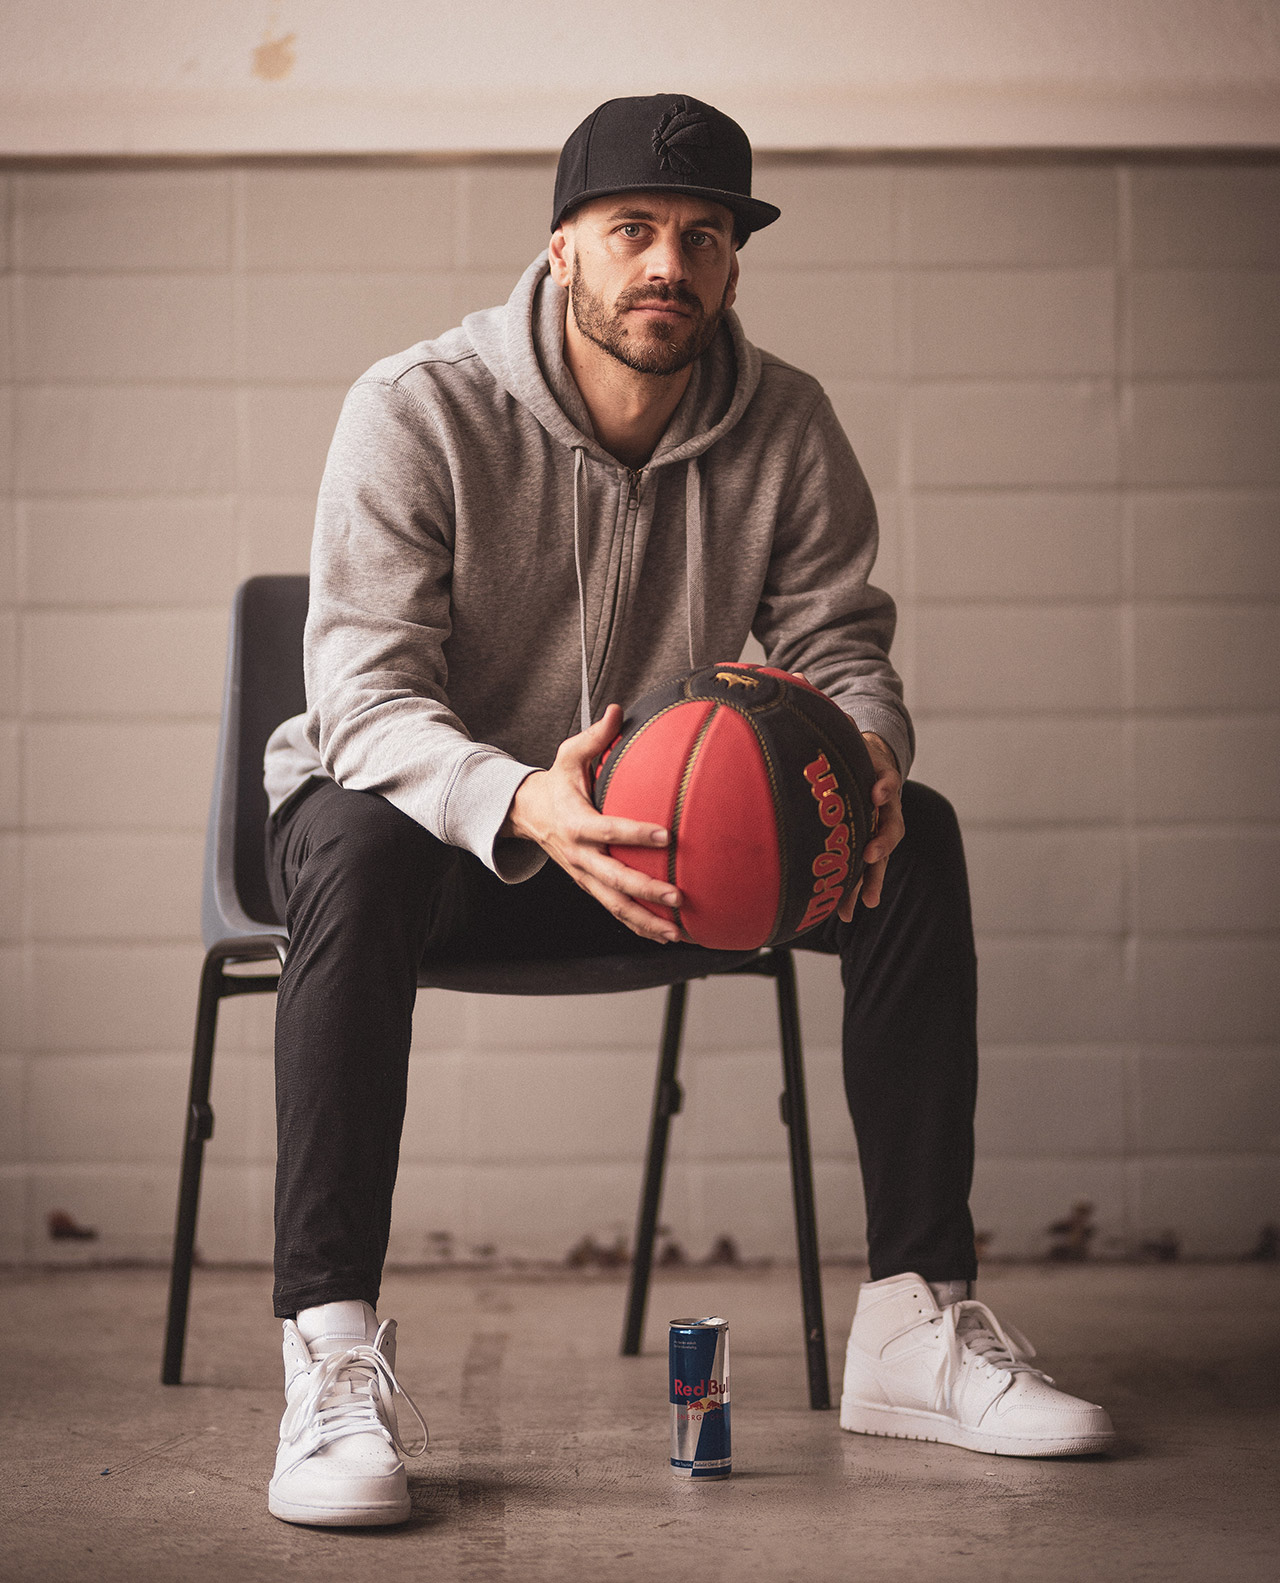 Paul Gudde - Basketball Skill Development Coach